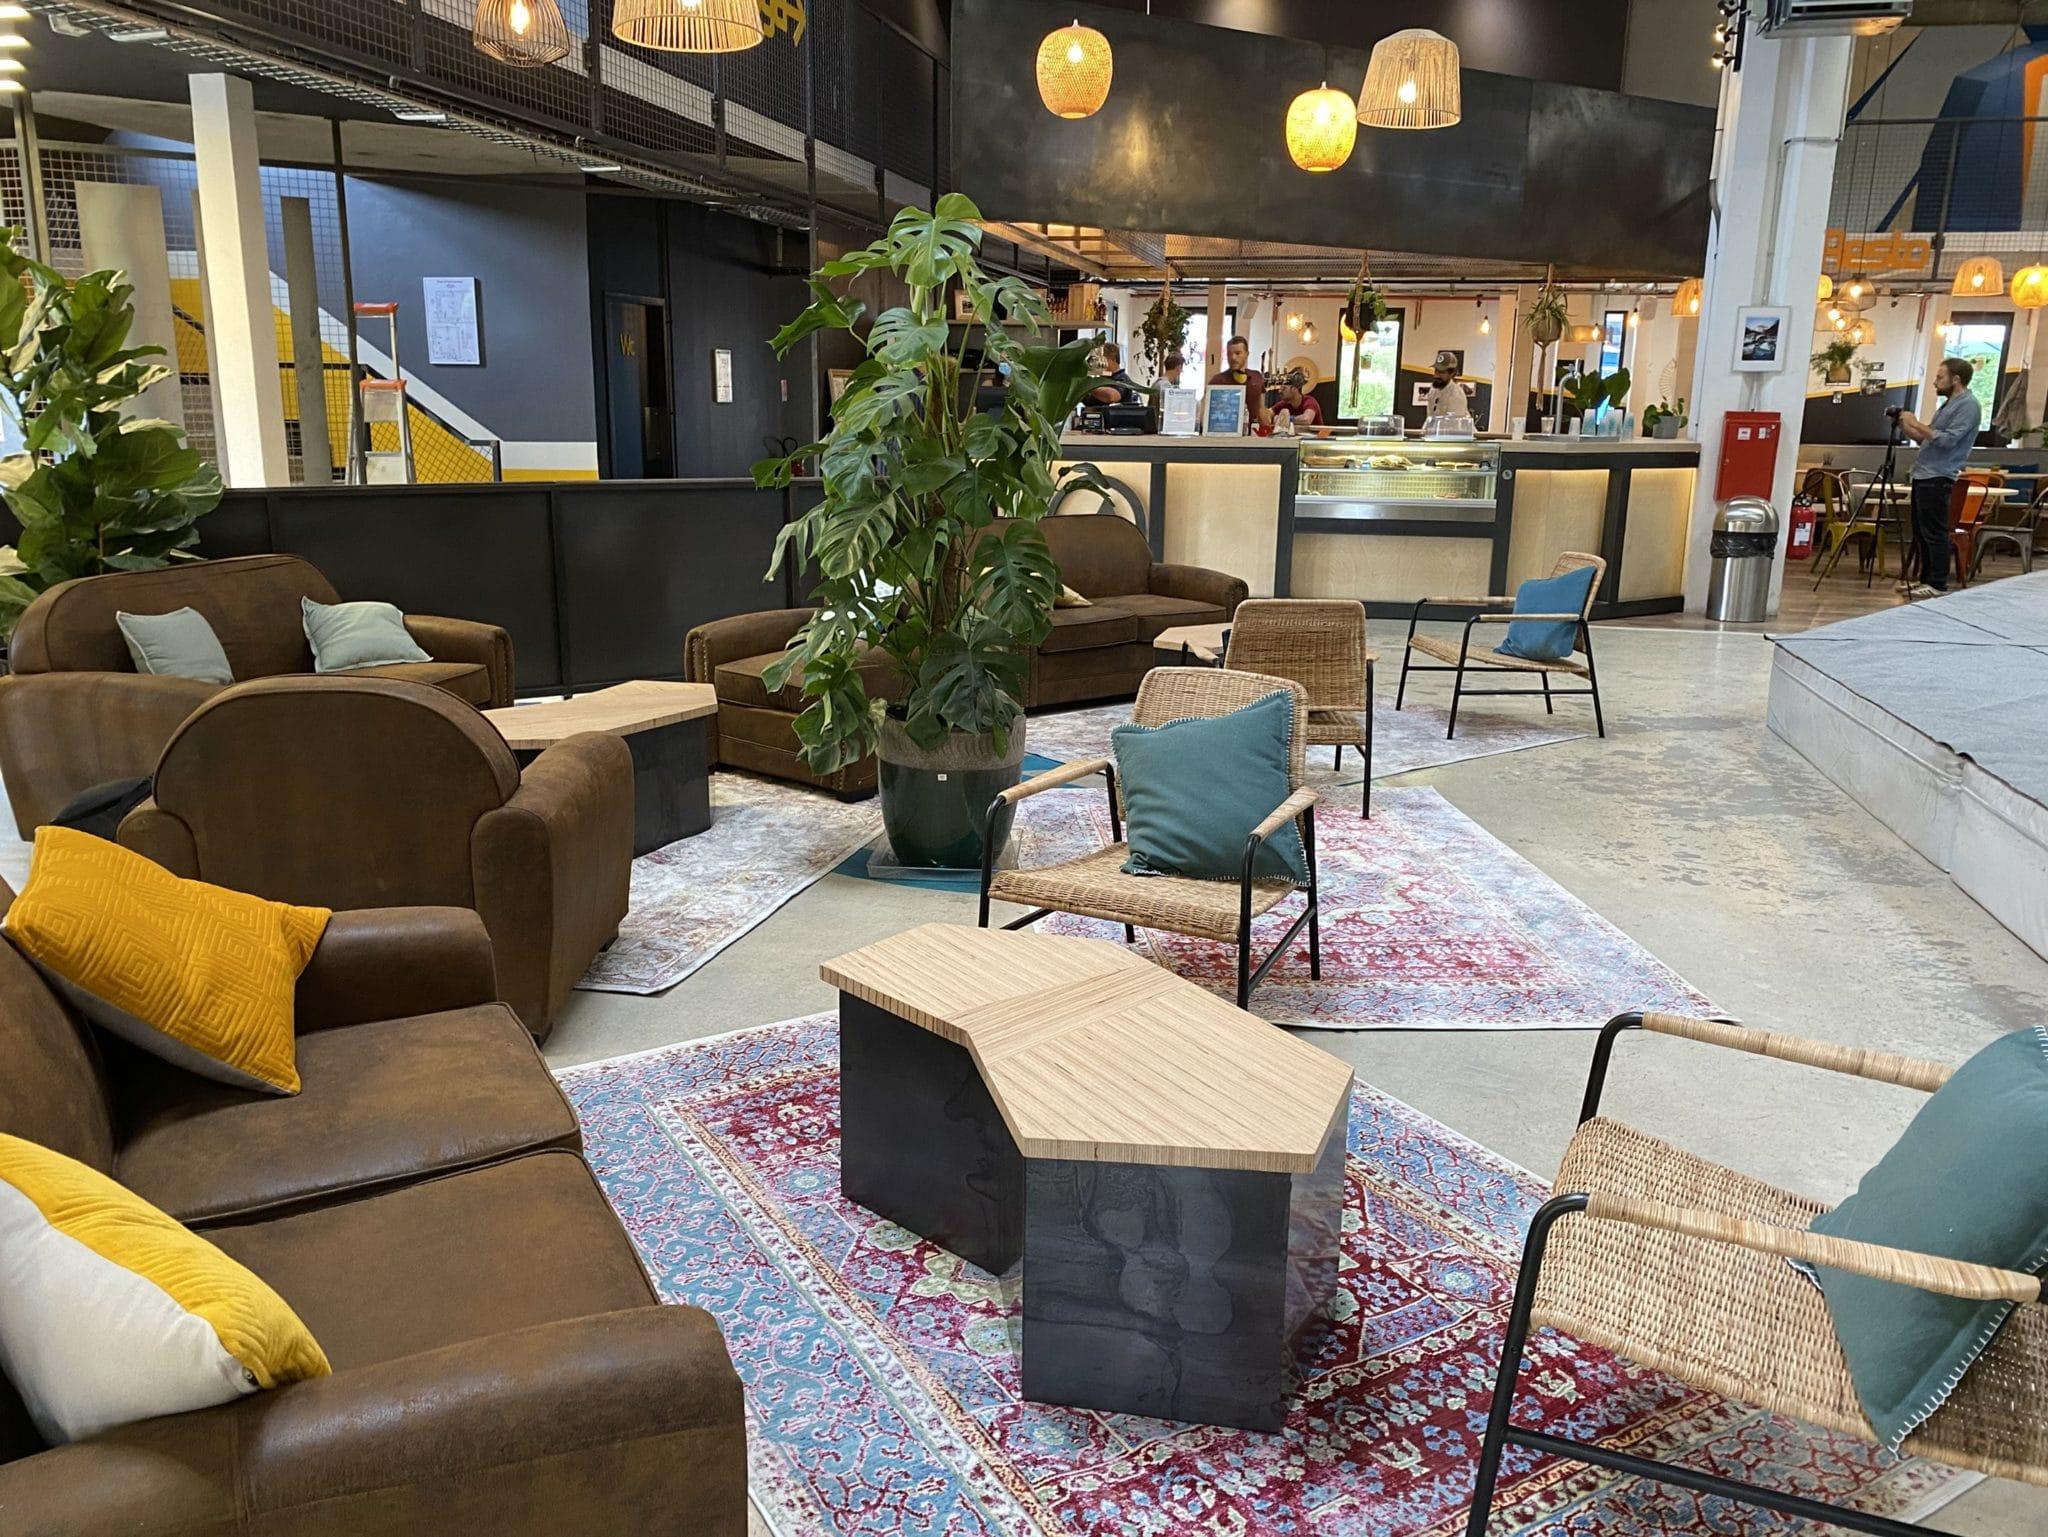 Espace détente salle d'escalade Vertical'Art Rungis. Espace Chill du restaurant et bar face à l'escalade.